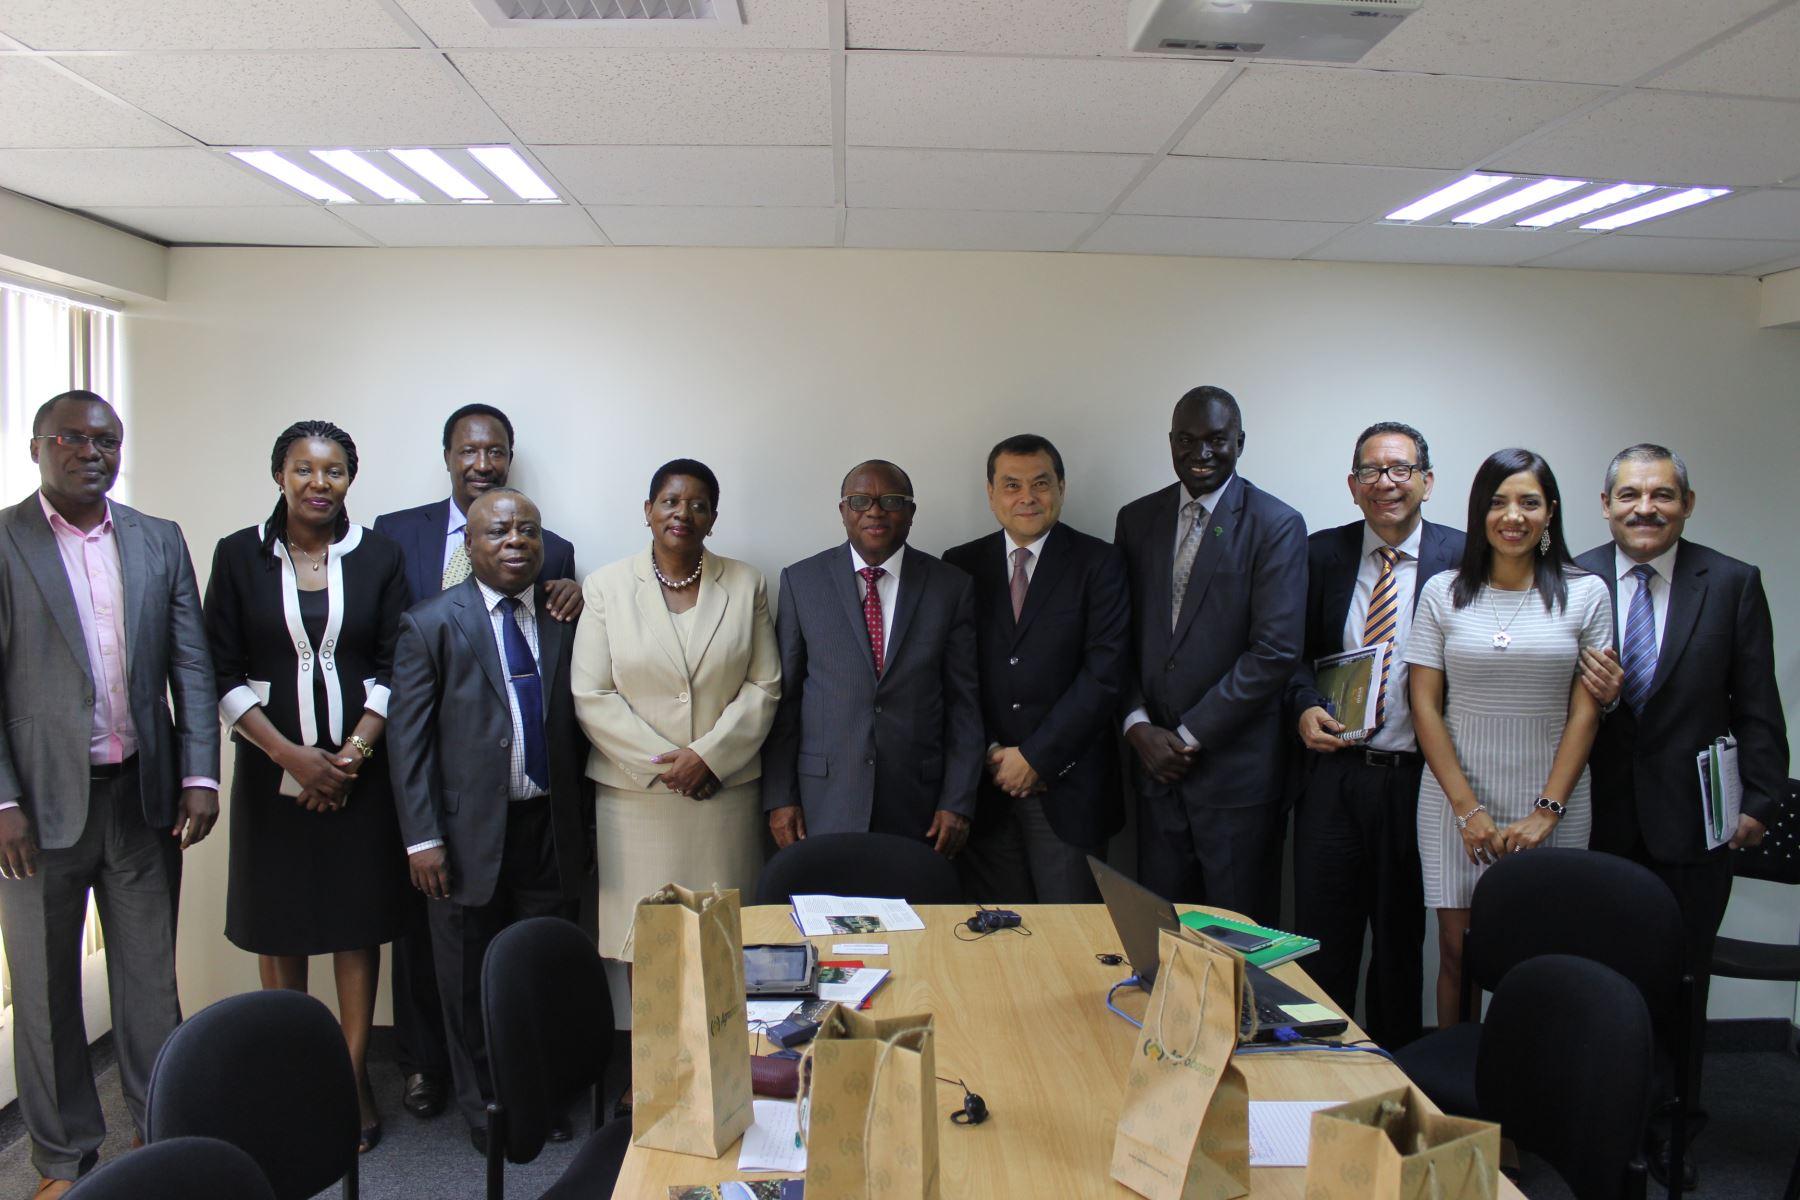 Visita de delegación de Afraca a la sede del Banco Agropecuario. Foto: Agrobanco.